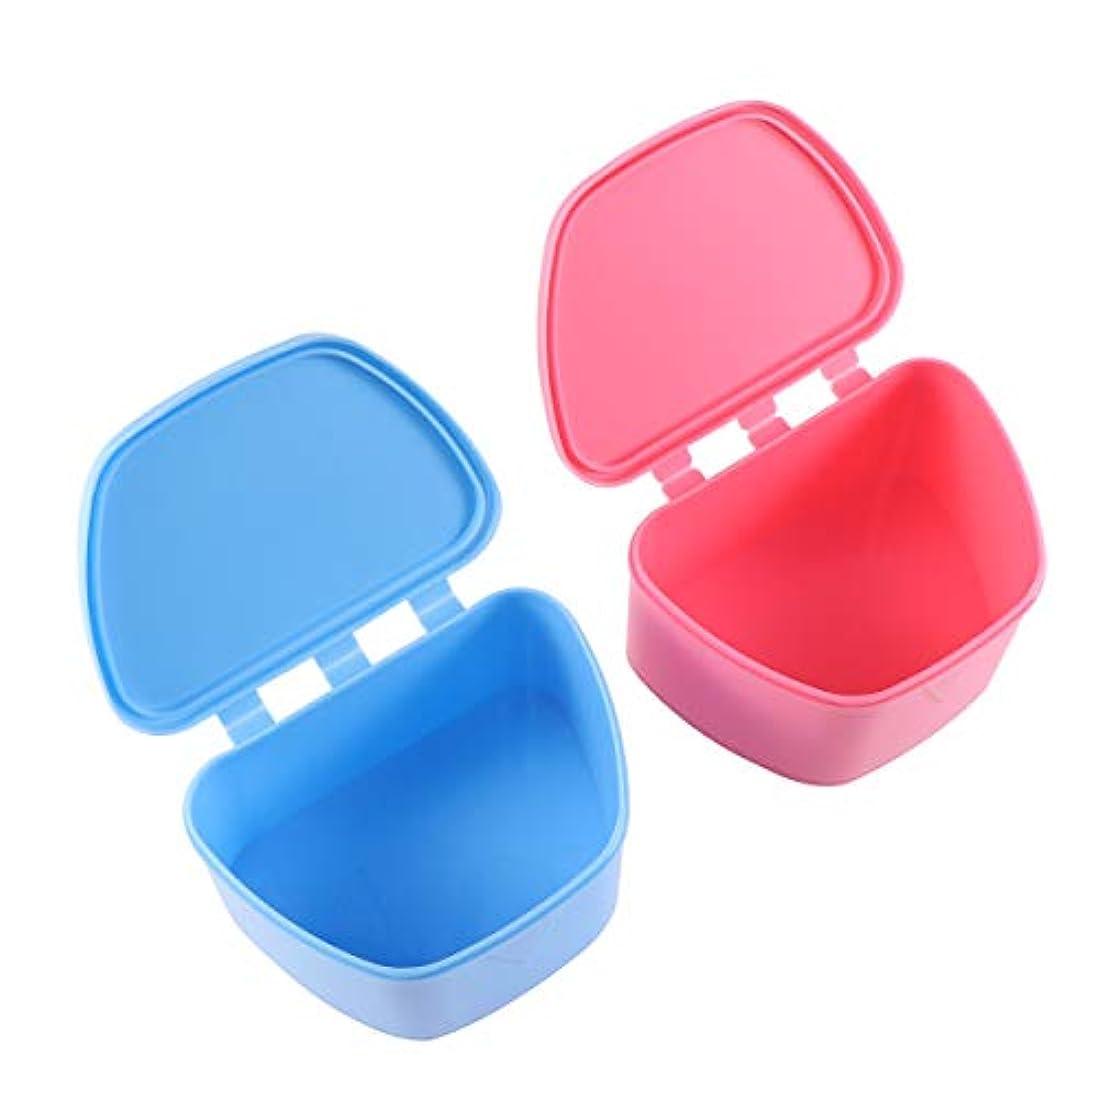 ごちそう程度繊細Healifty 歯科ケース義歯収納ボックス矯正歯科ボックス2個(青とロージー)